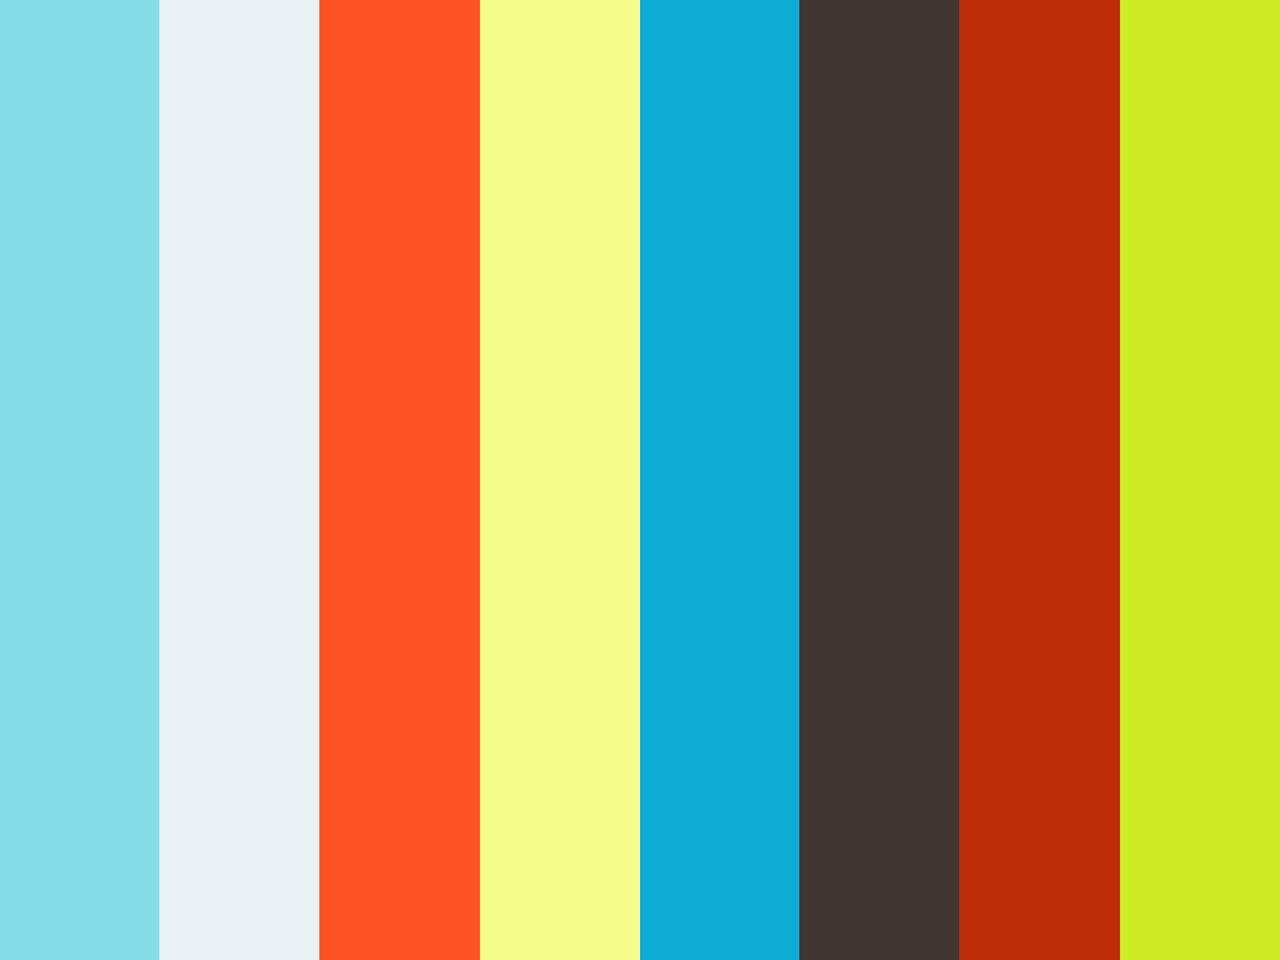 Showreel 2017 del Posgrado en Diseño y Programación de Videojuegos ULPGC